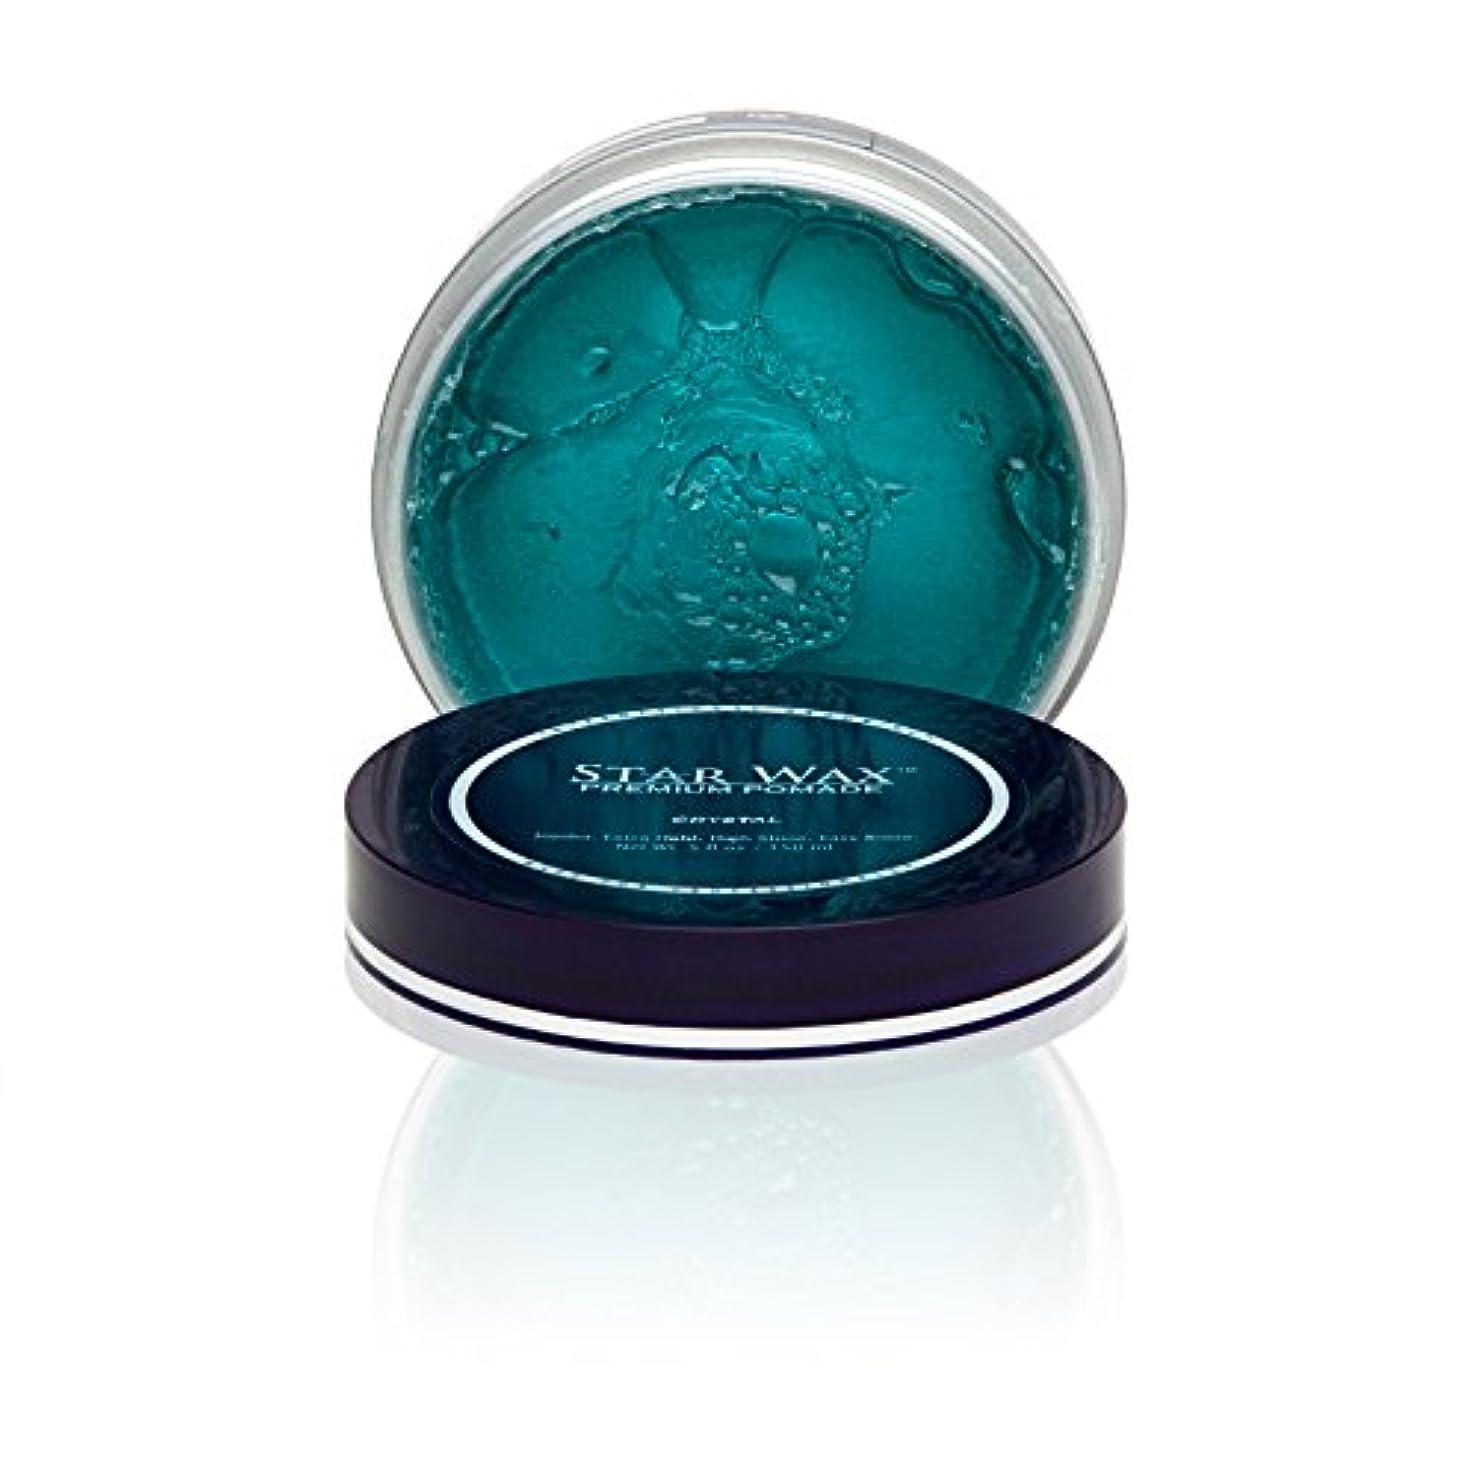 不機嫌借りるトランジスタStar Wax   Premium Pomade, Crystal(スターワックスプレミアム ポマード「クリスタル」)?Star Pro Line(スタープロライン)製?5(液量)オンス/150ml